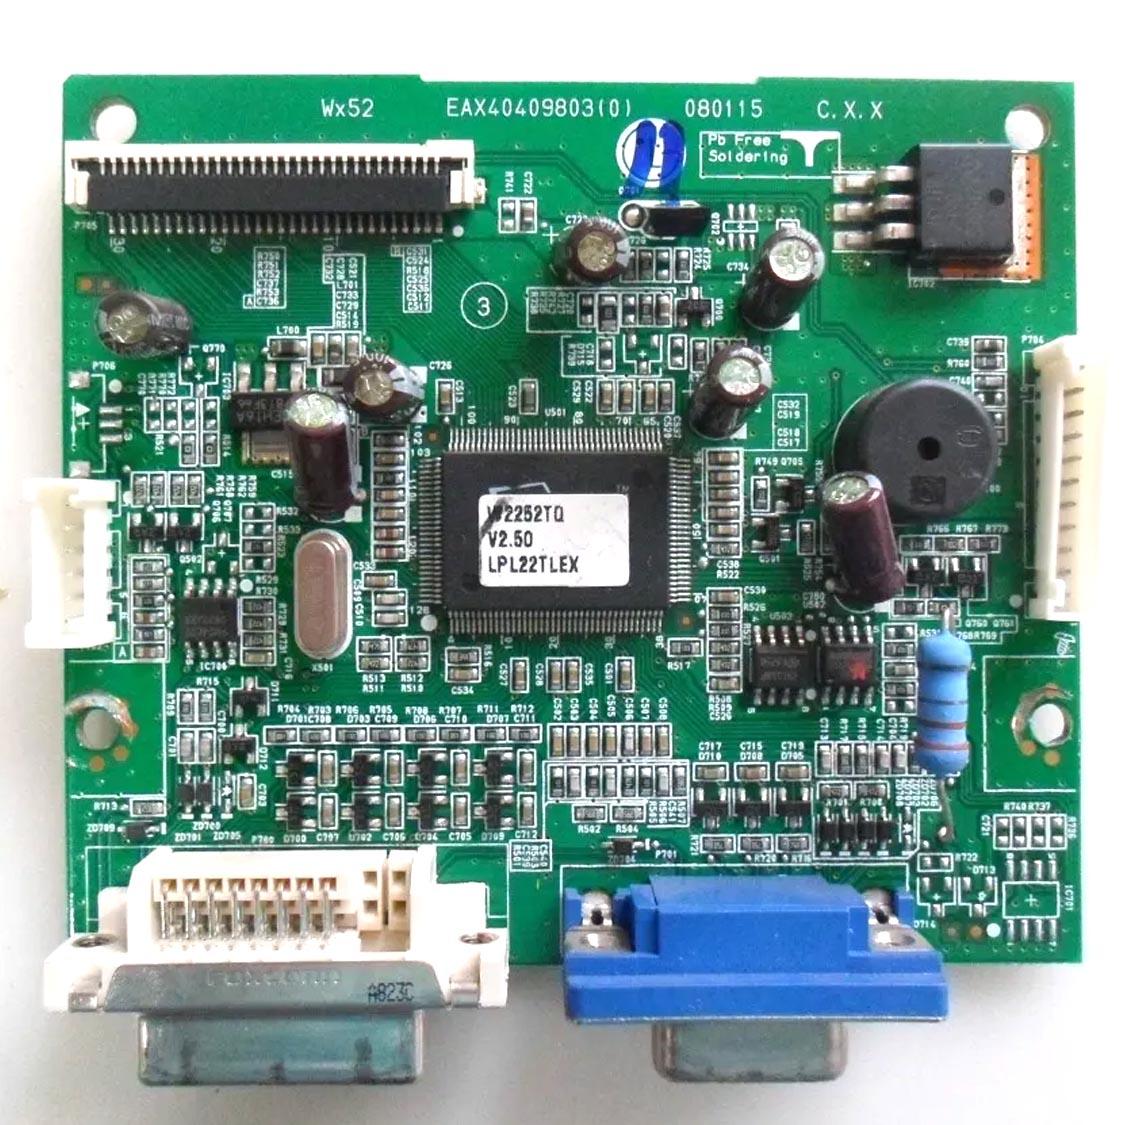 Placa Lógica Monitor LG Lgw2252tq eax40409803-0 - Retirado